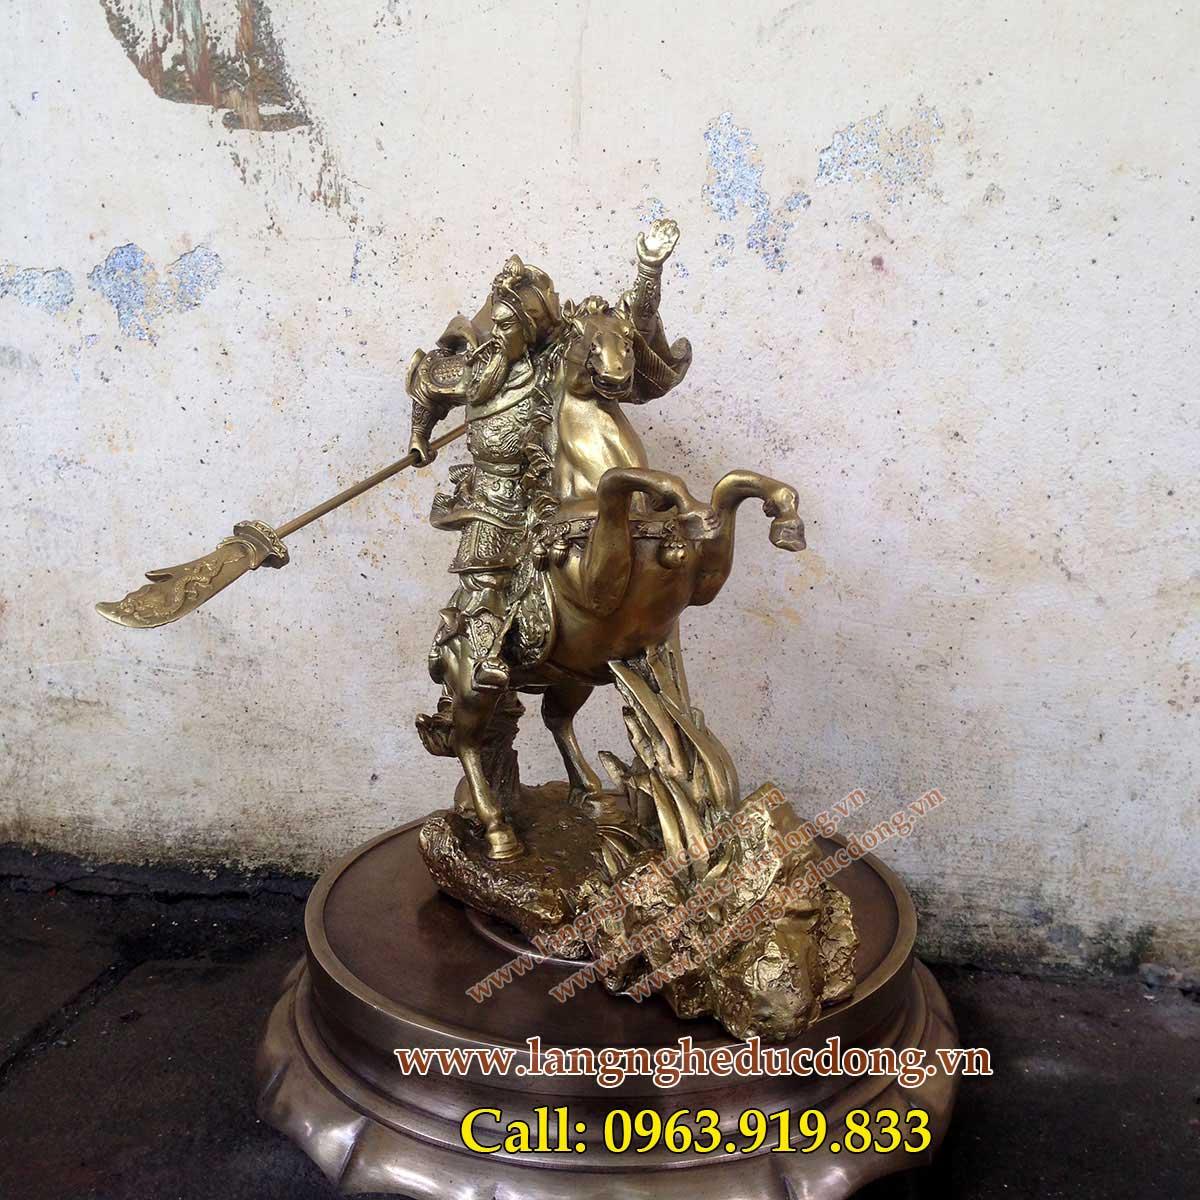 langngheducdong.vn - quan công cưỡi ngựa bằng đồng, mẫu tượng quan công cưỡi ngựa cao 25cm